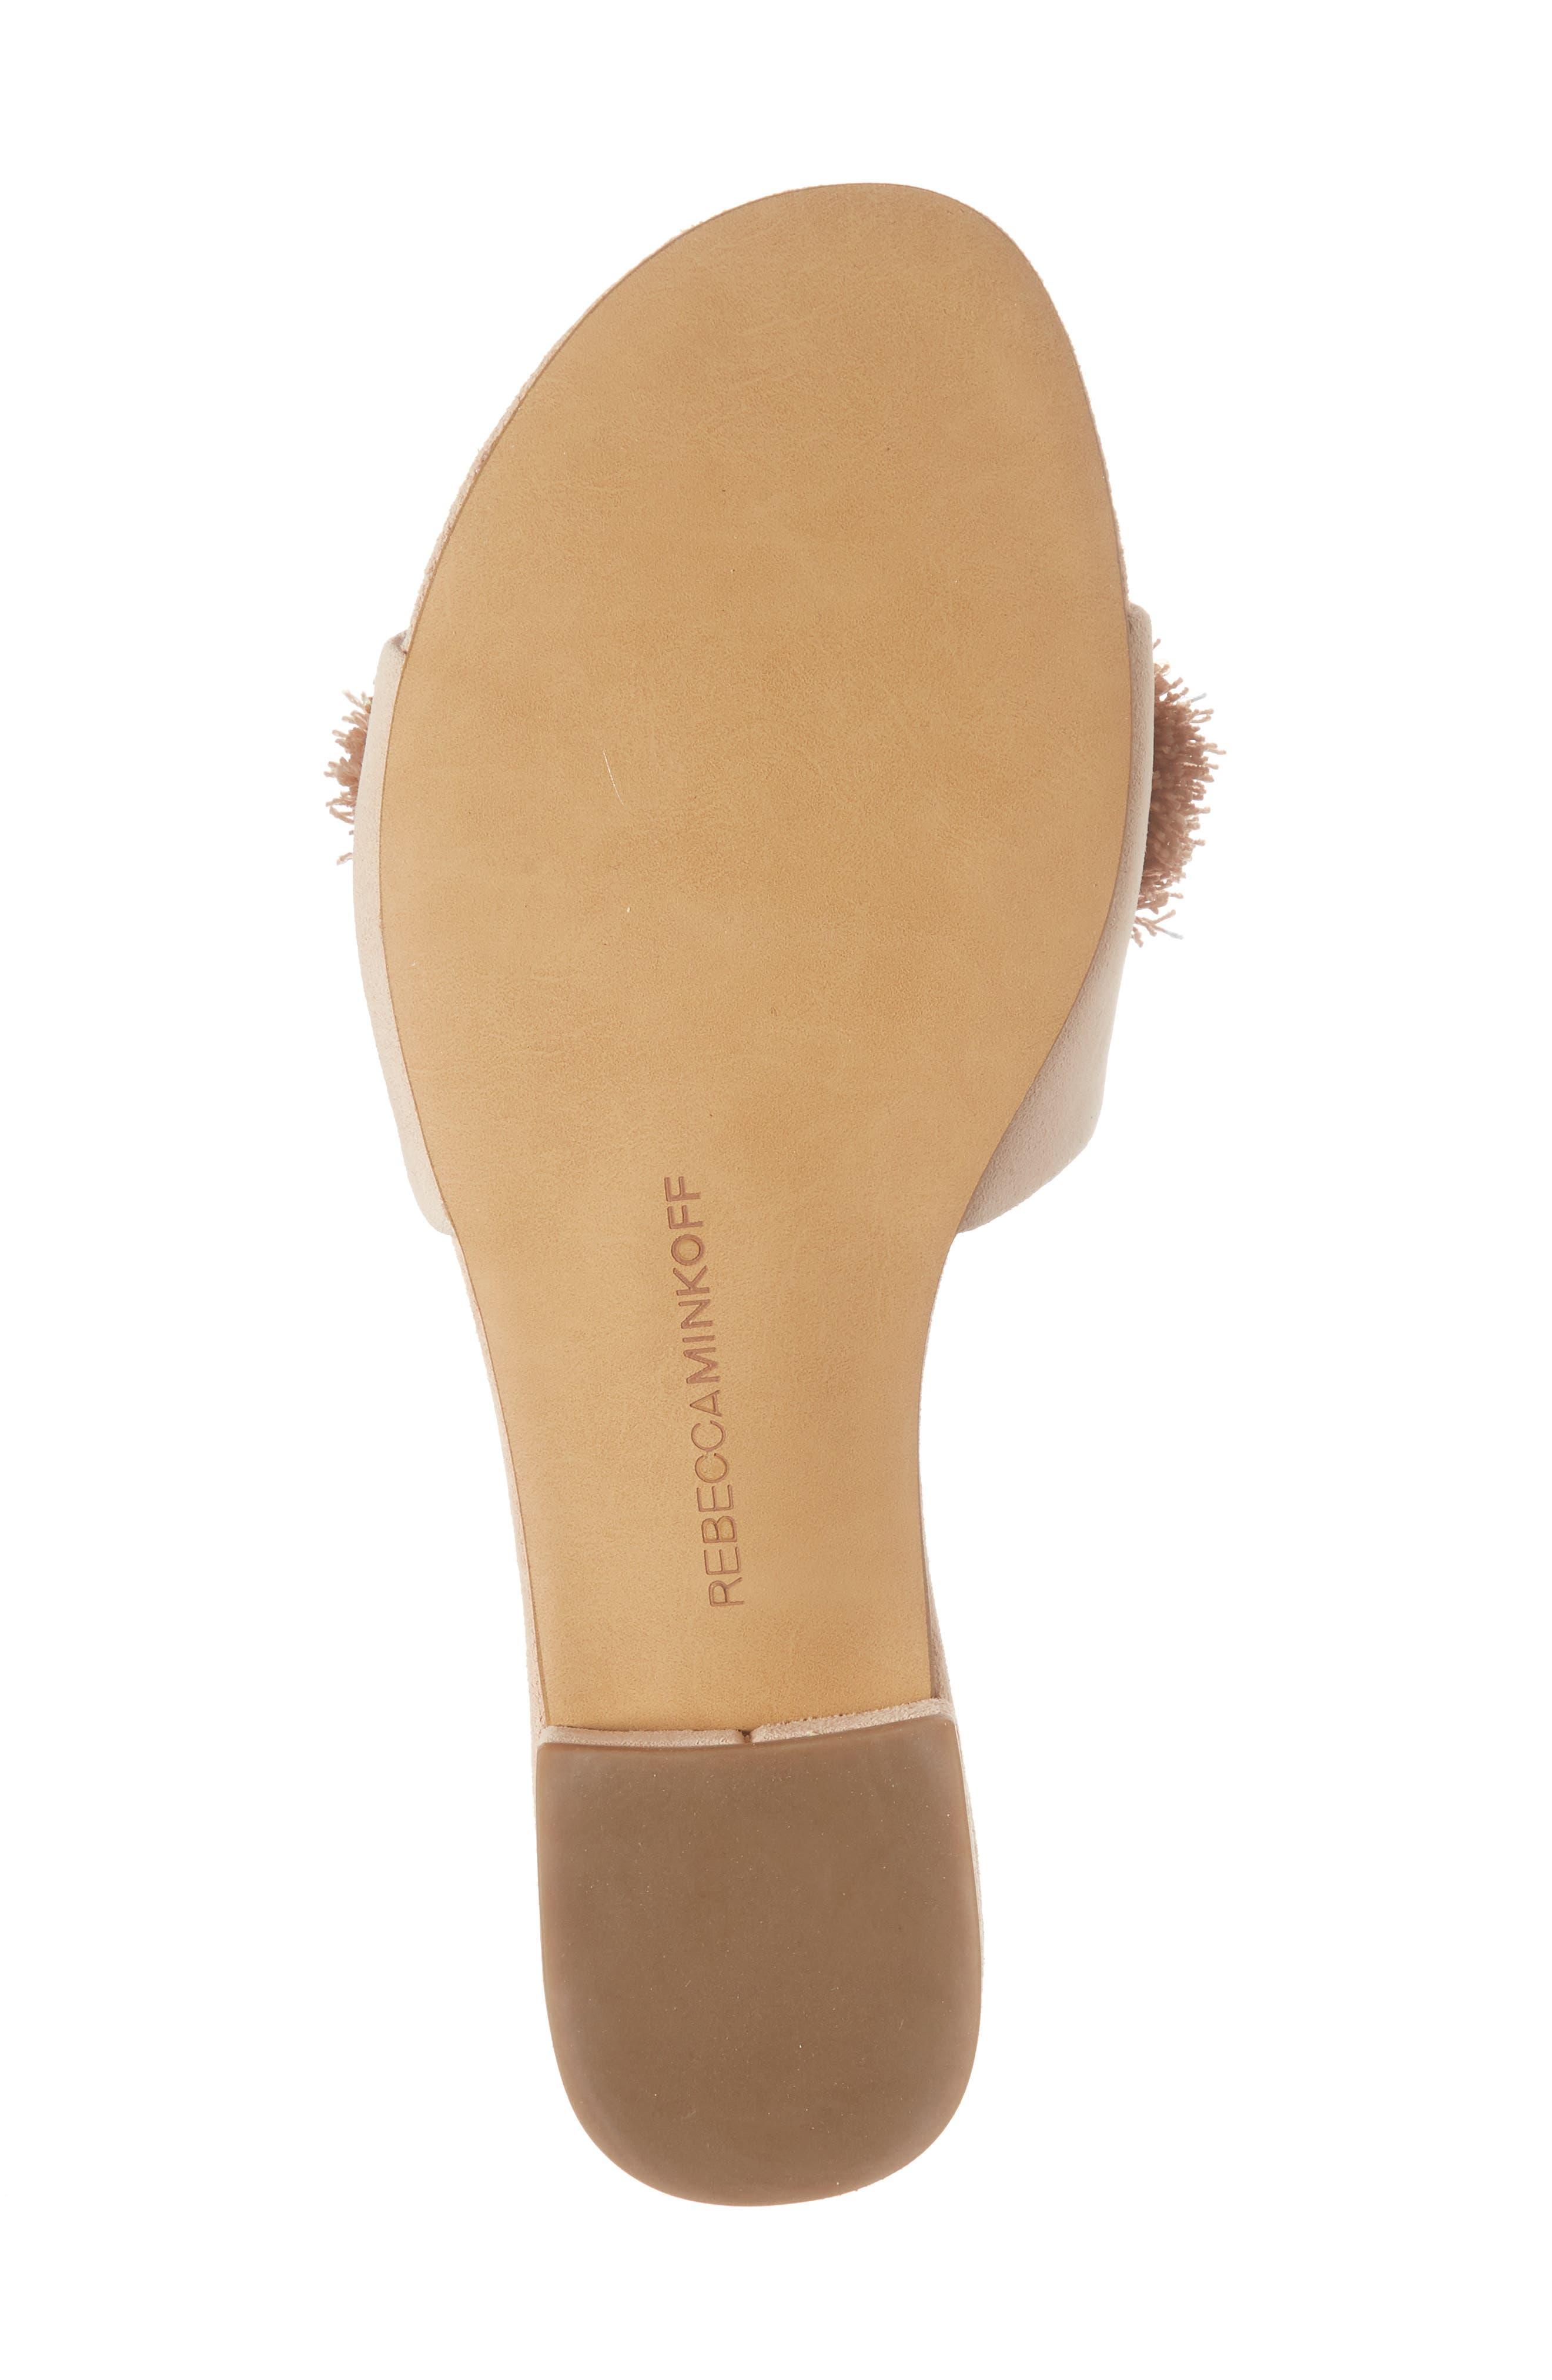 Kayleigh Embellished Slide Sandal,                             Alternate thumbnail 6, color,                             CERAMIC SUEDE